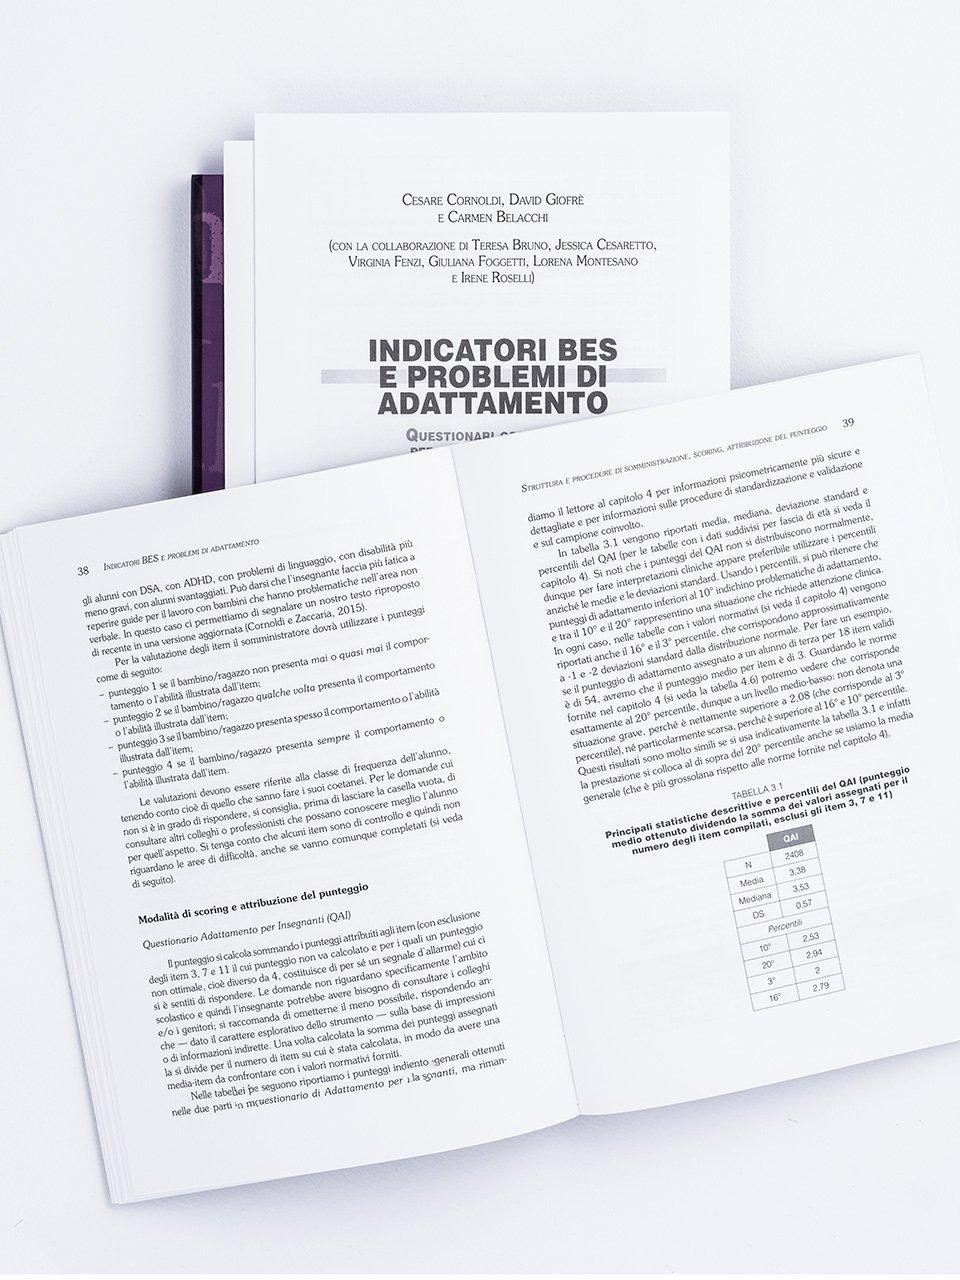 Indicatori BES e problemi di adattamento - Libri - Erickson 2